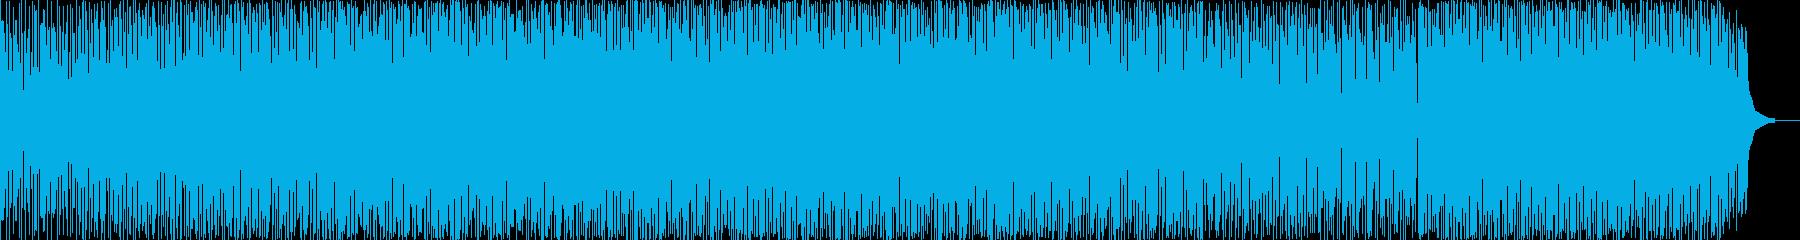 サンバファーストフェスティバル、ブ...の再生済みの波形